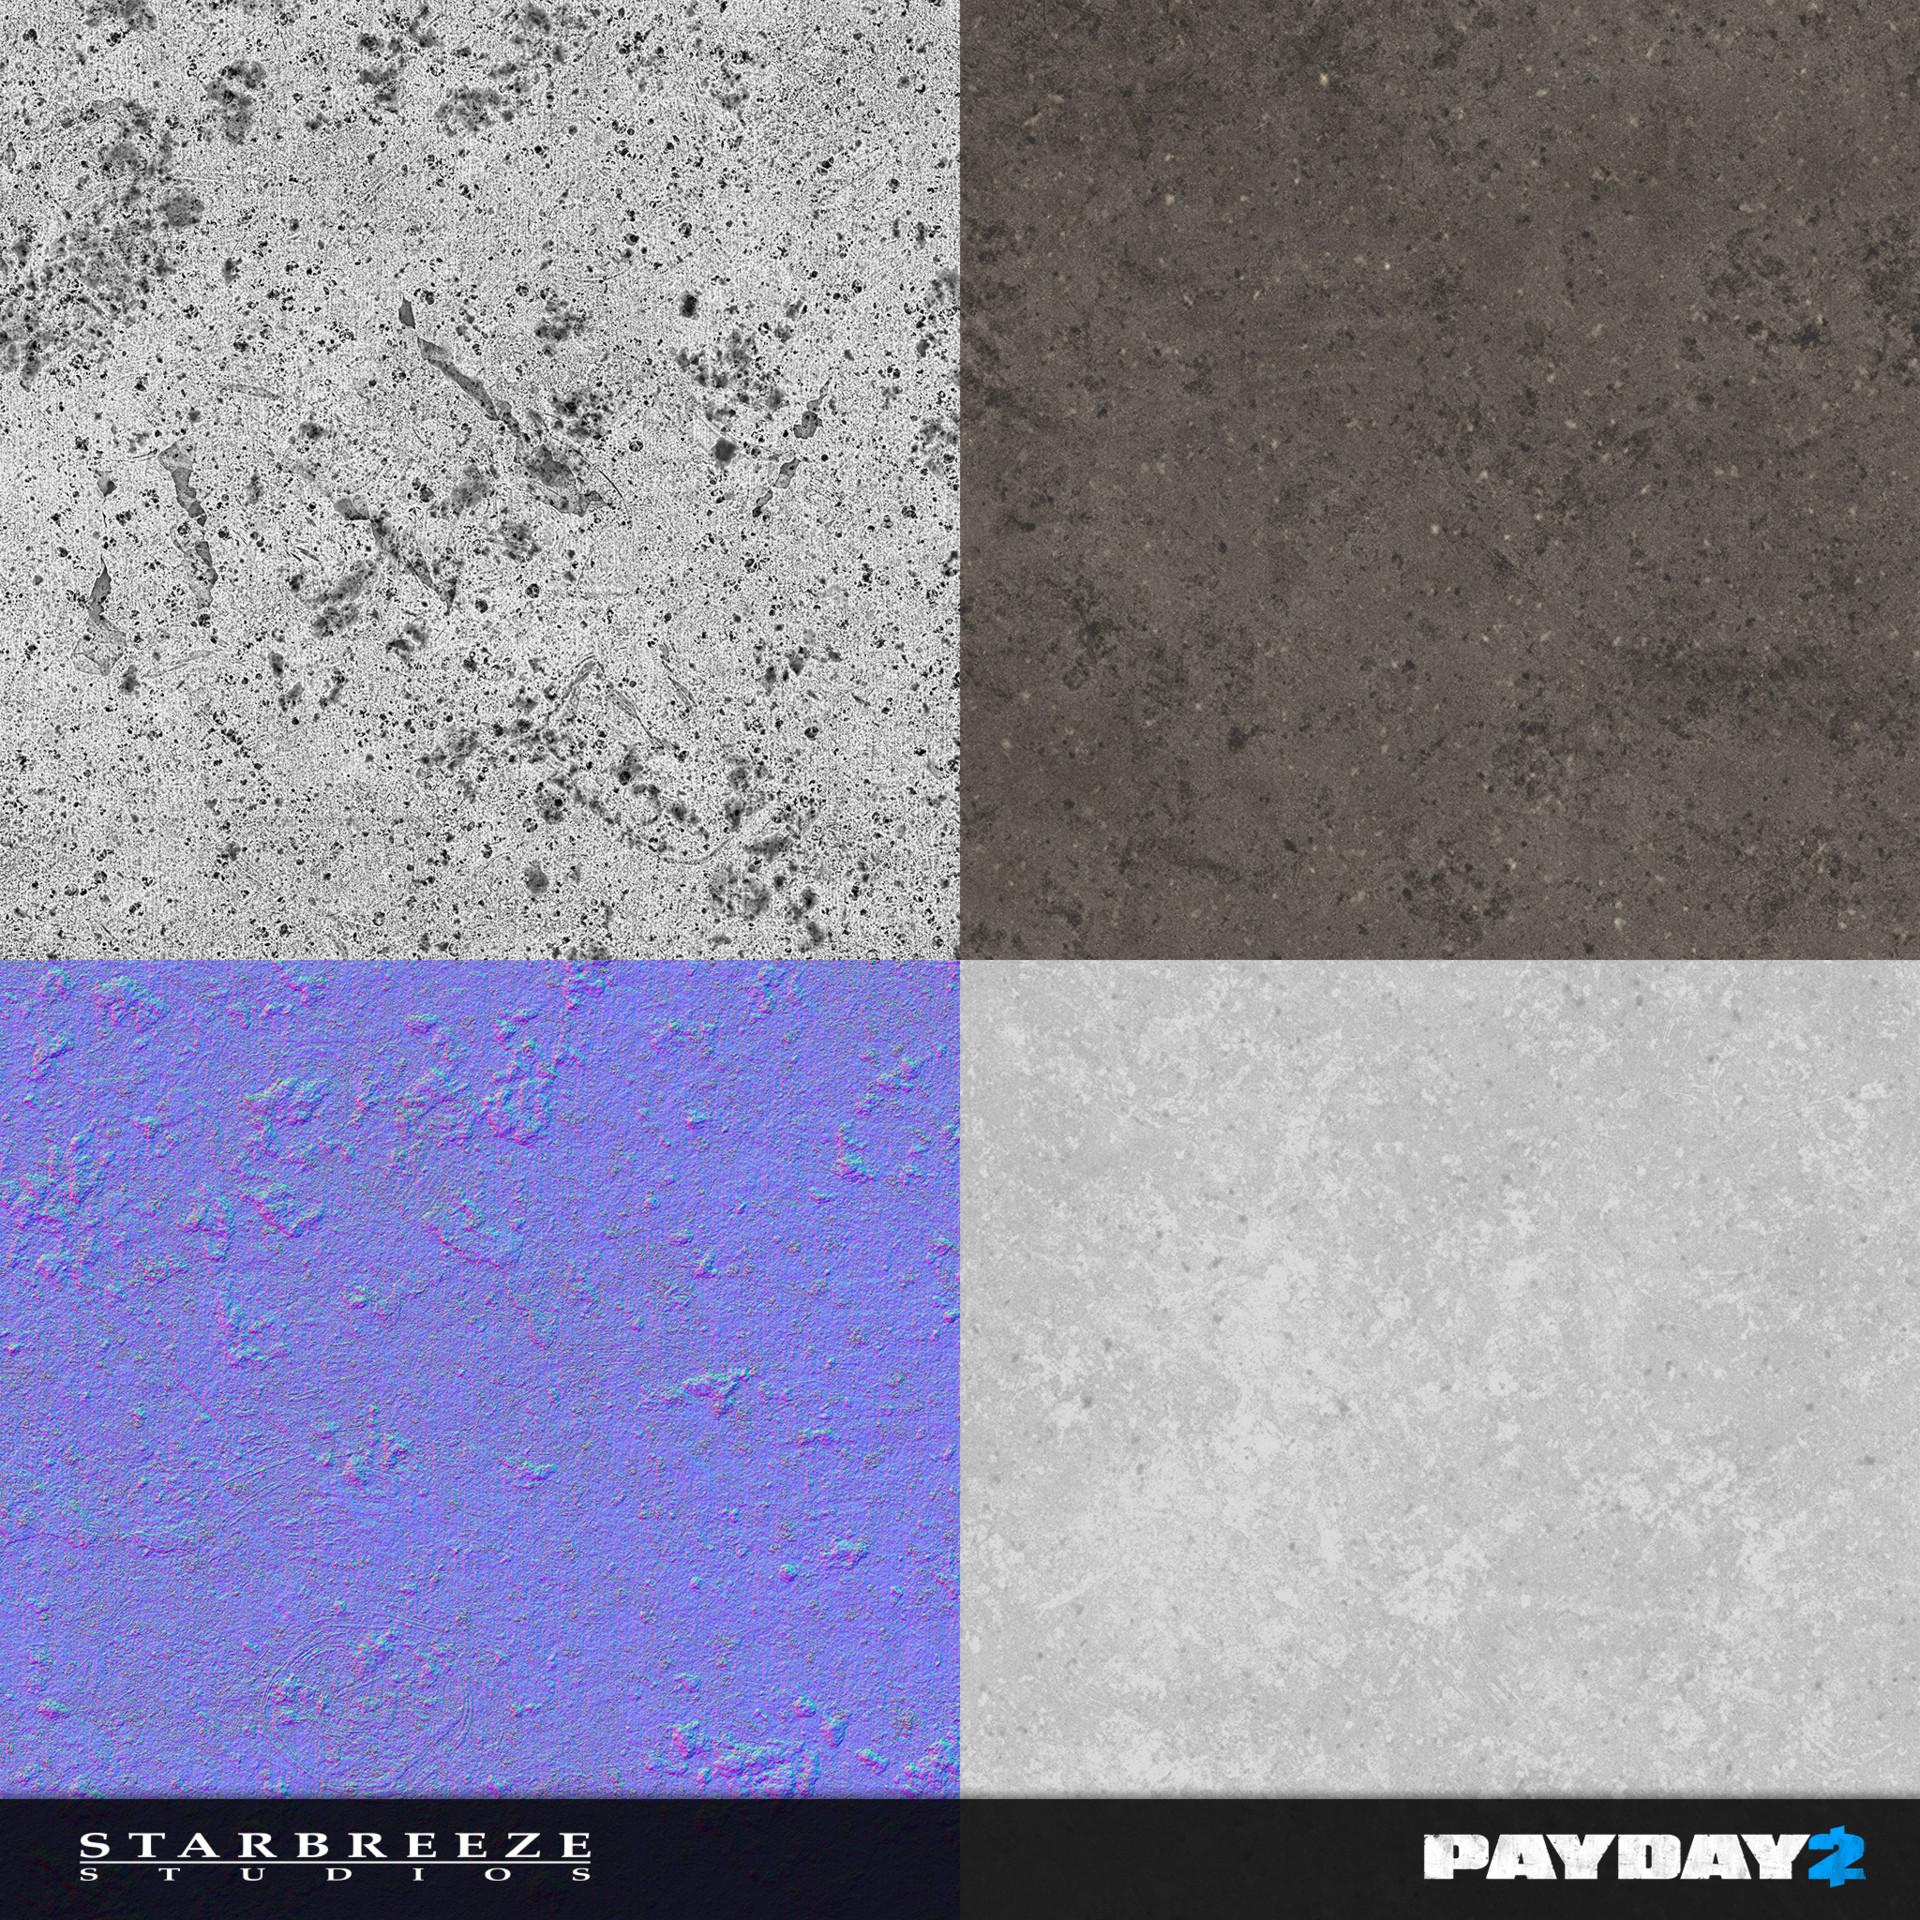 Lucas josefsson lucasjosefsson pd2 concrete floor 01 textures